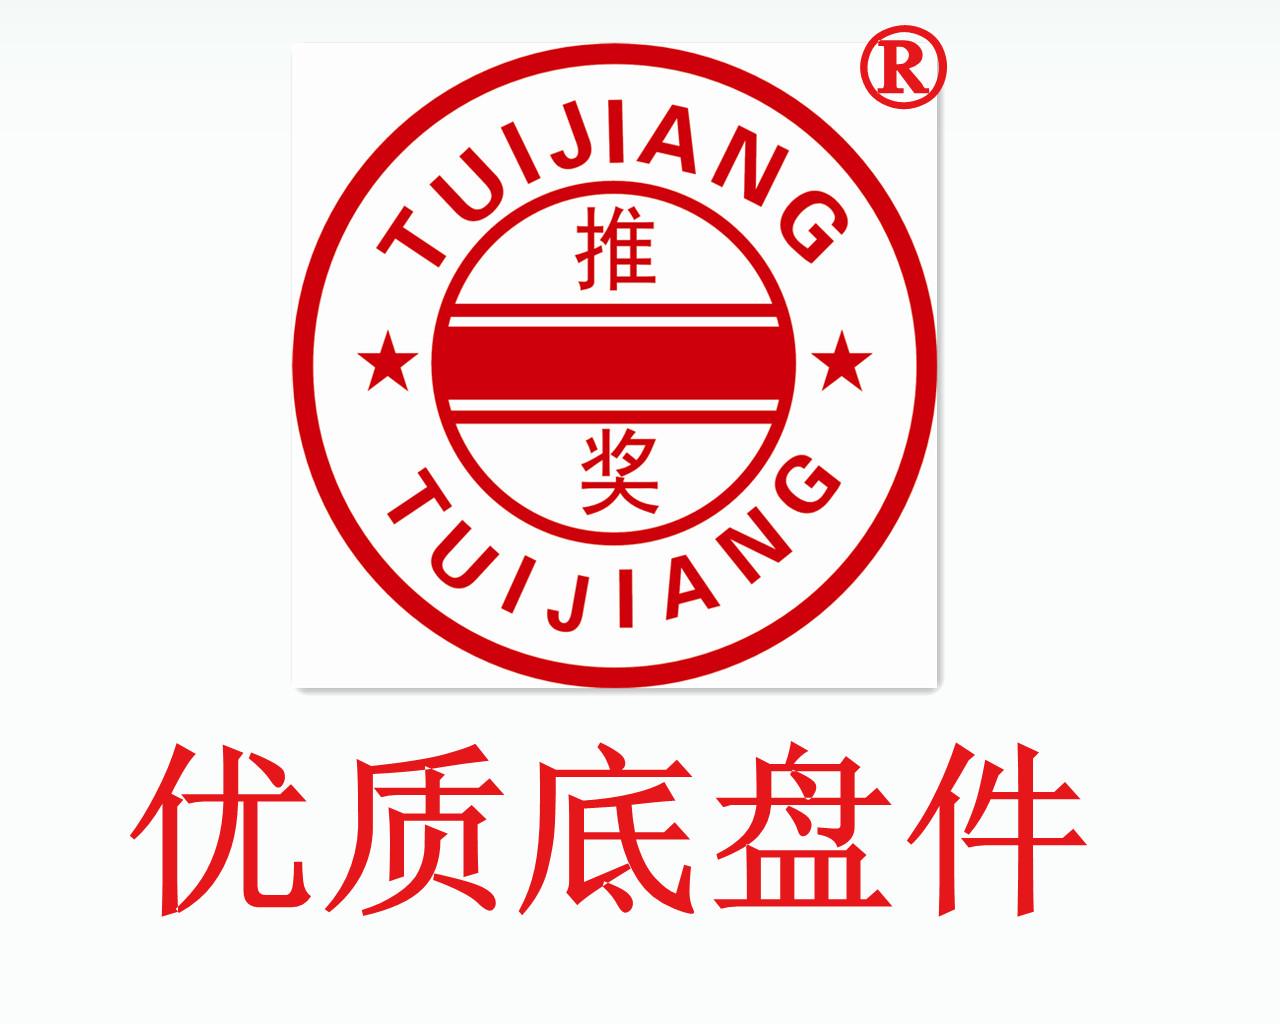 Kaiping City Hezhan Auto Parts Co., Ltd